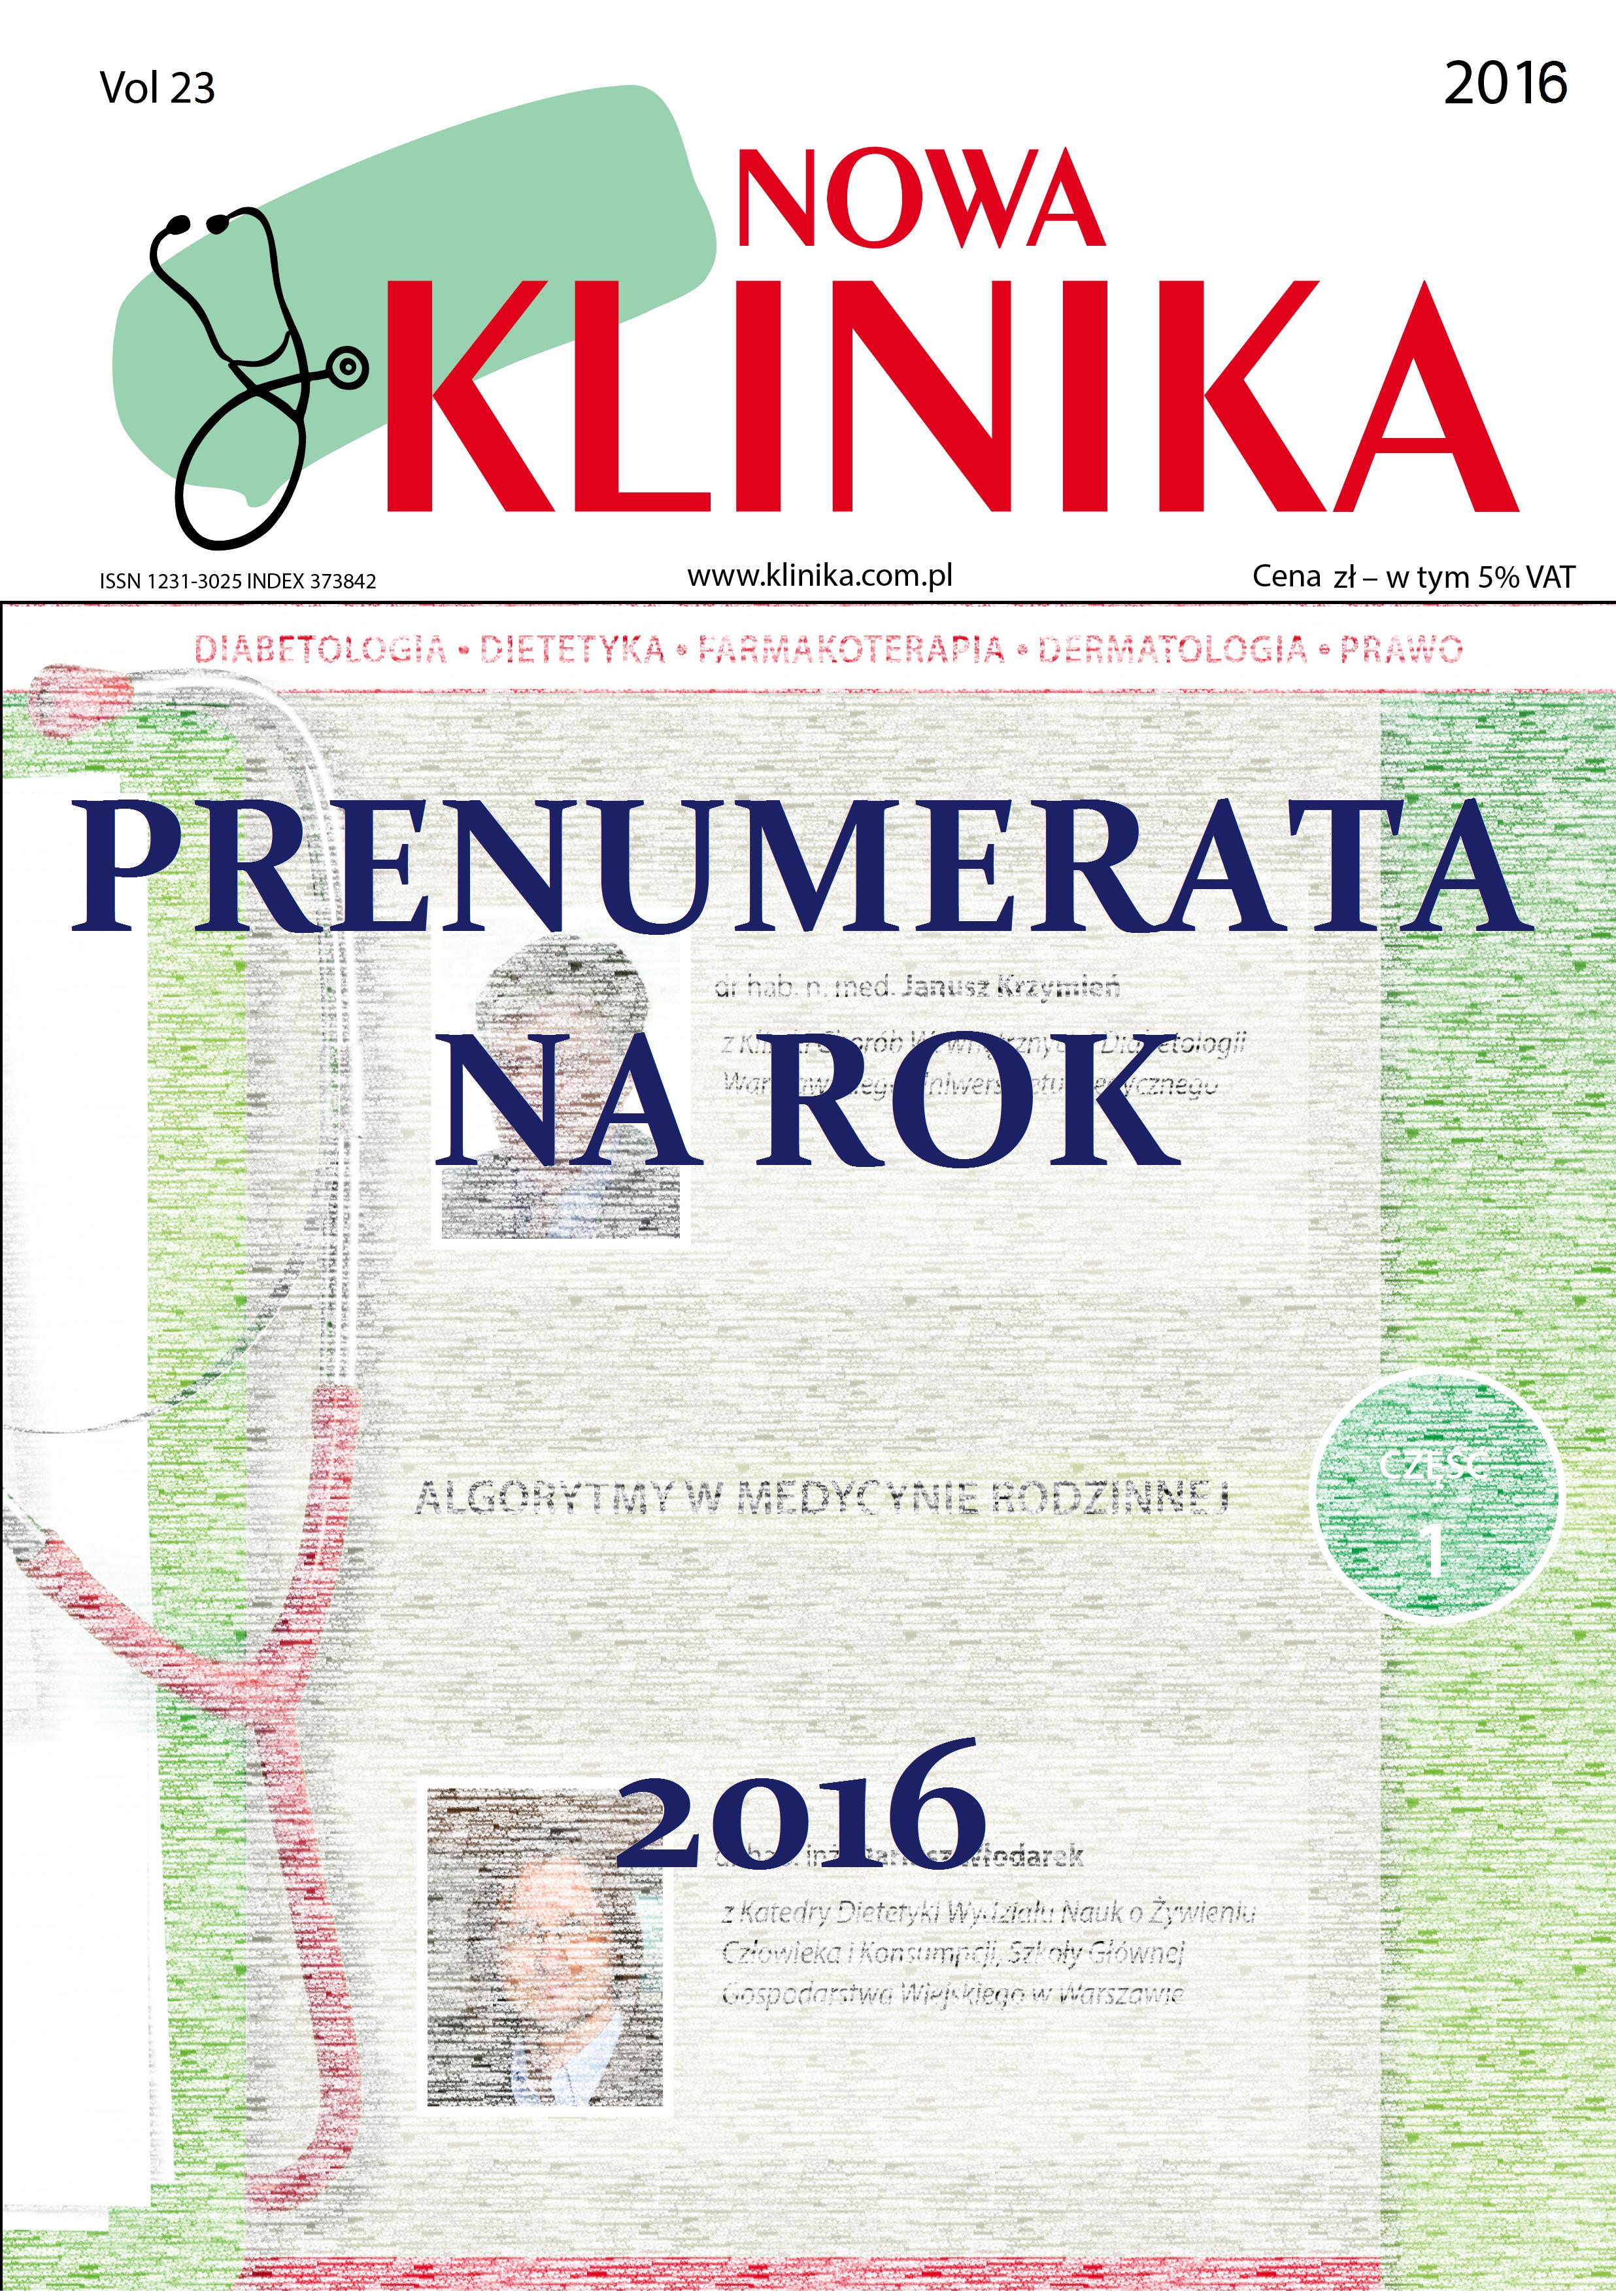 Prenumerata Kliniki Nowej na rok 2016 (2 rozszerzone edycje)